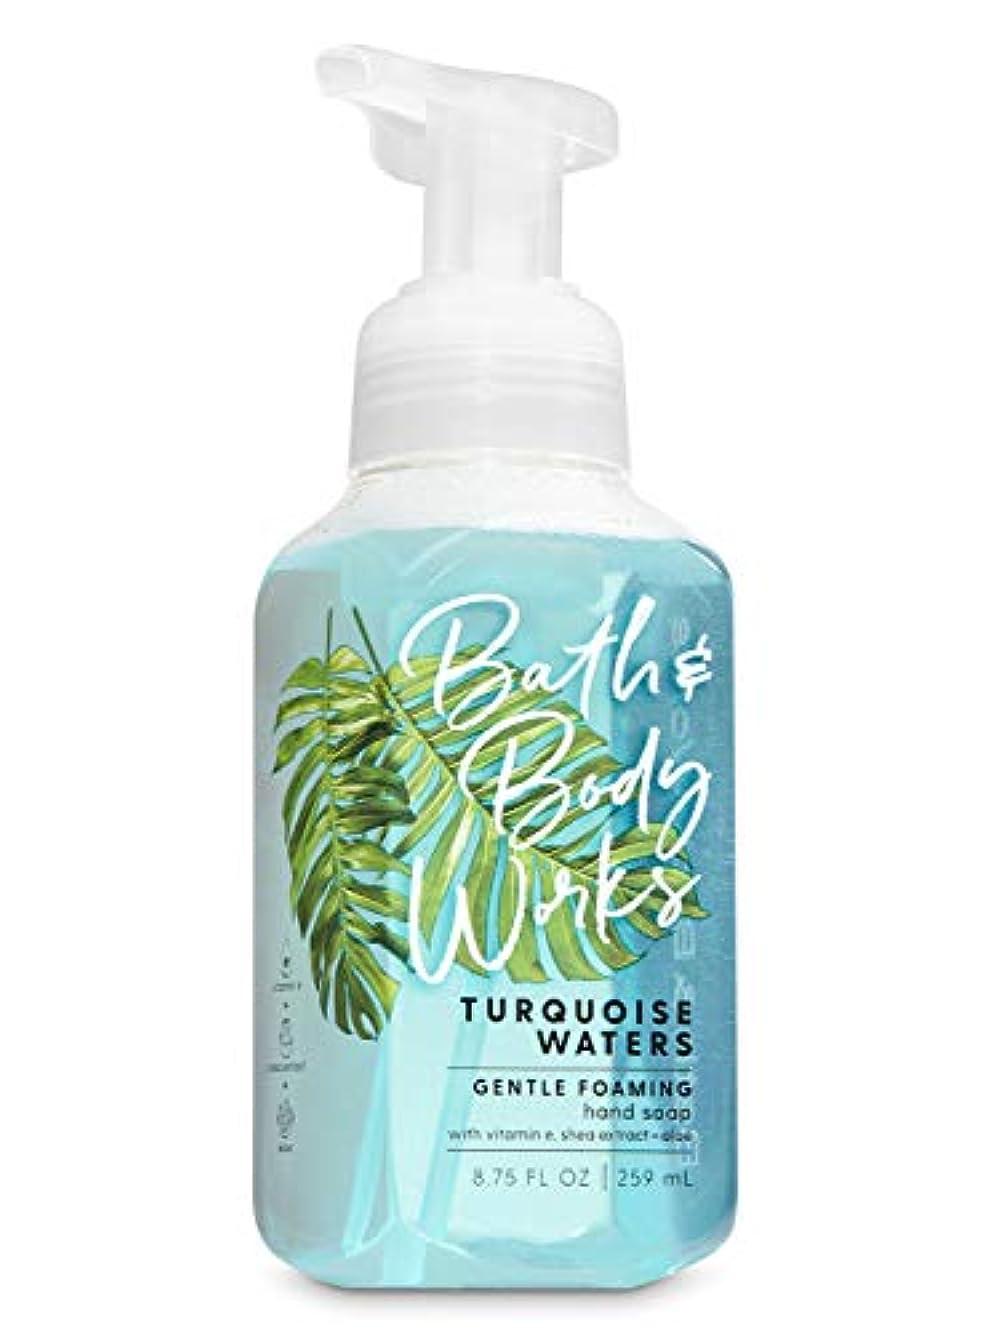 感染するホステス赤字バス&ボディワークス ターコイズウォーター ジェントル フォーミング ハンドソープ Turquoise Waters Gentle Foaming Hand Soap